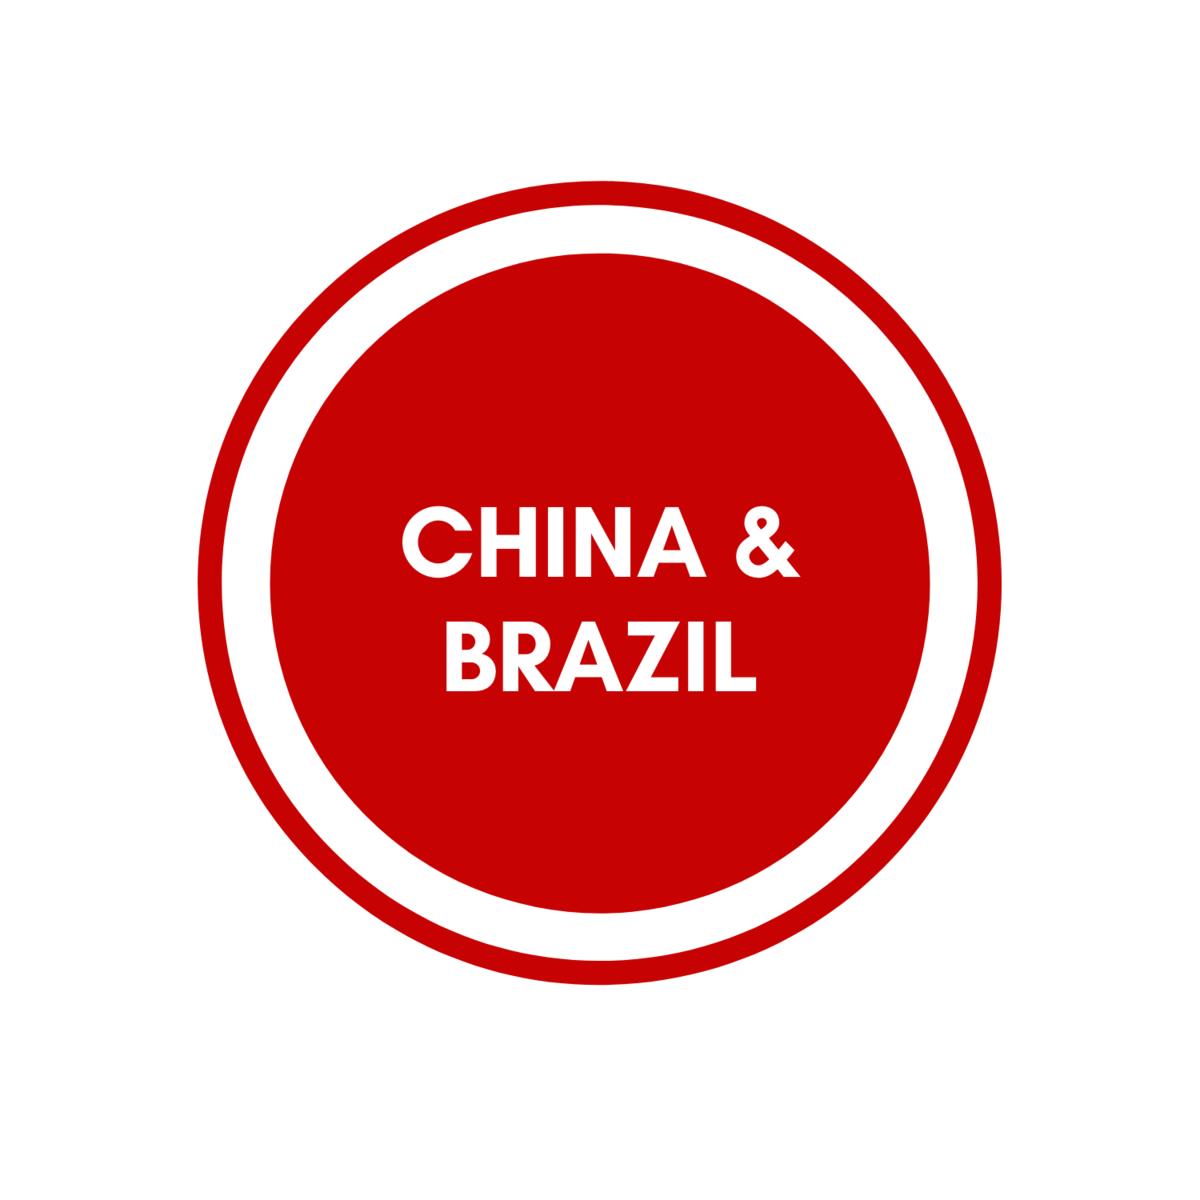 China & Brazil